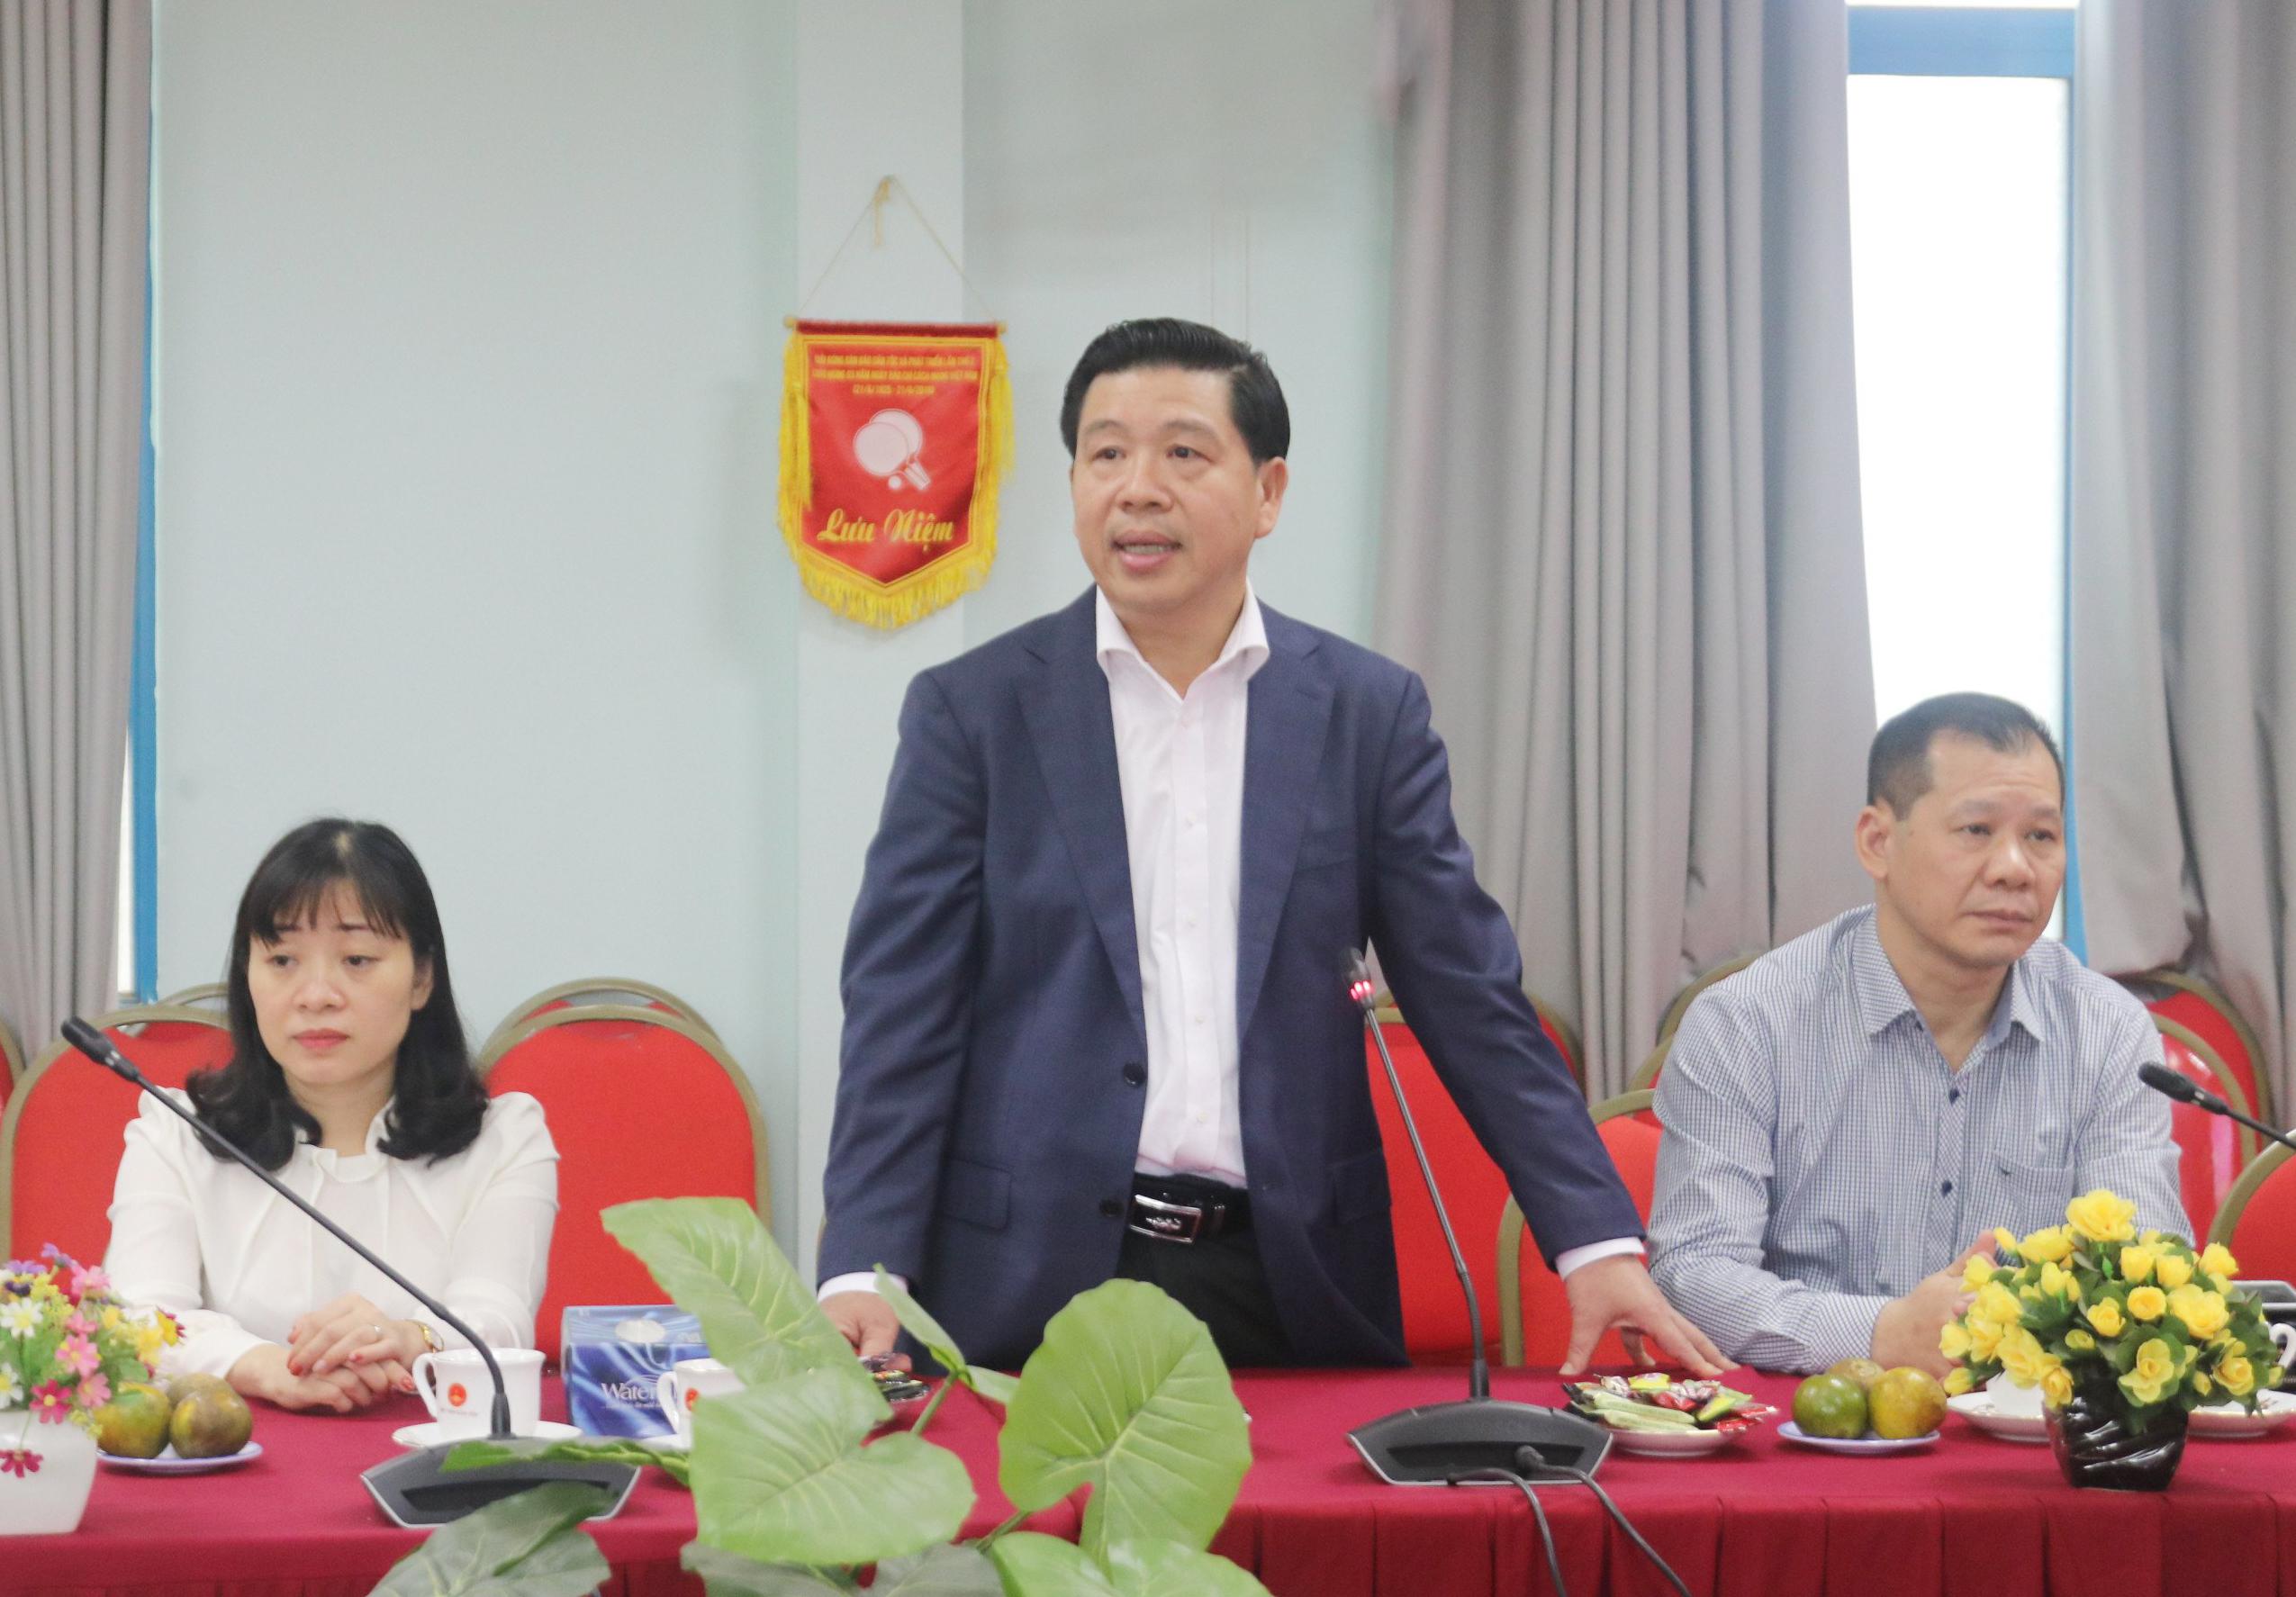 Thứ trưởng, Phó Chủ nhiệm UBDT Lê Sơn Hải phát biểu chúc mừng Học Viện Dân tộc